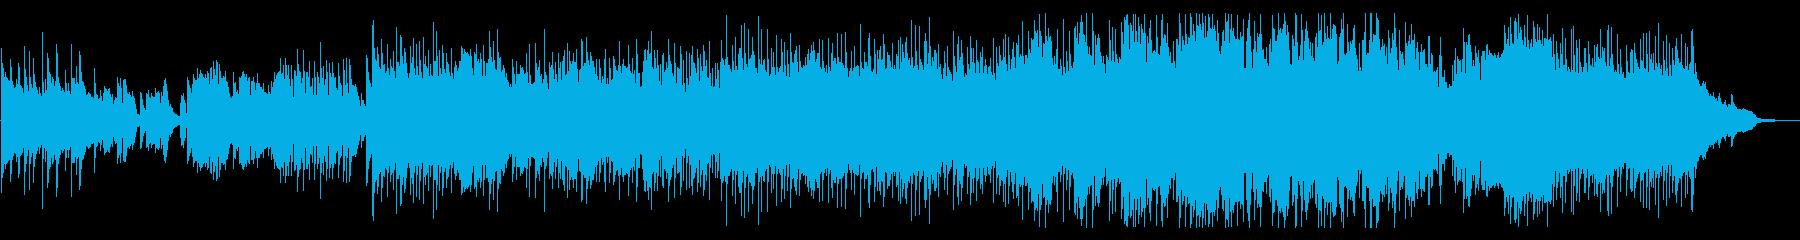 ほのぼのとカレーを食べようと歌うポップスの再生済みの波形